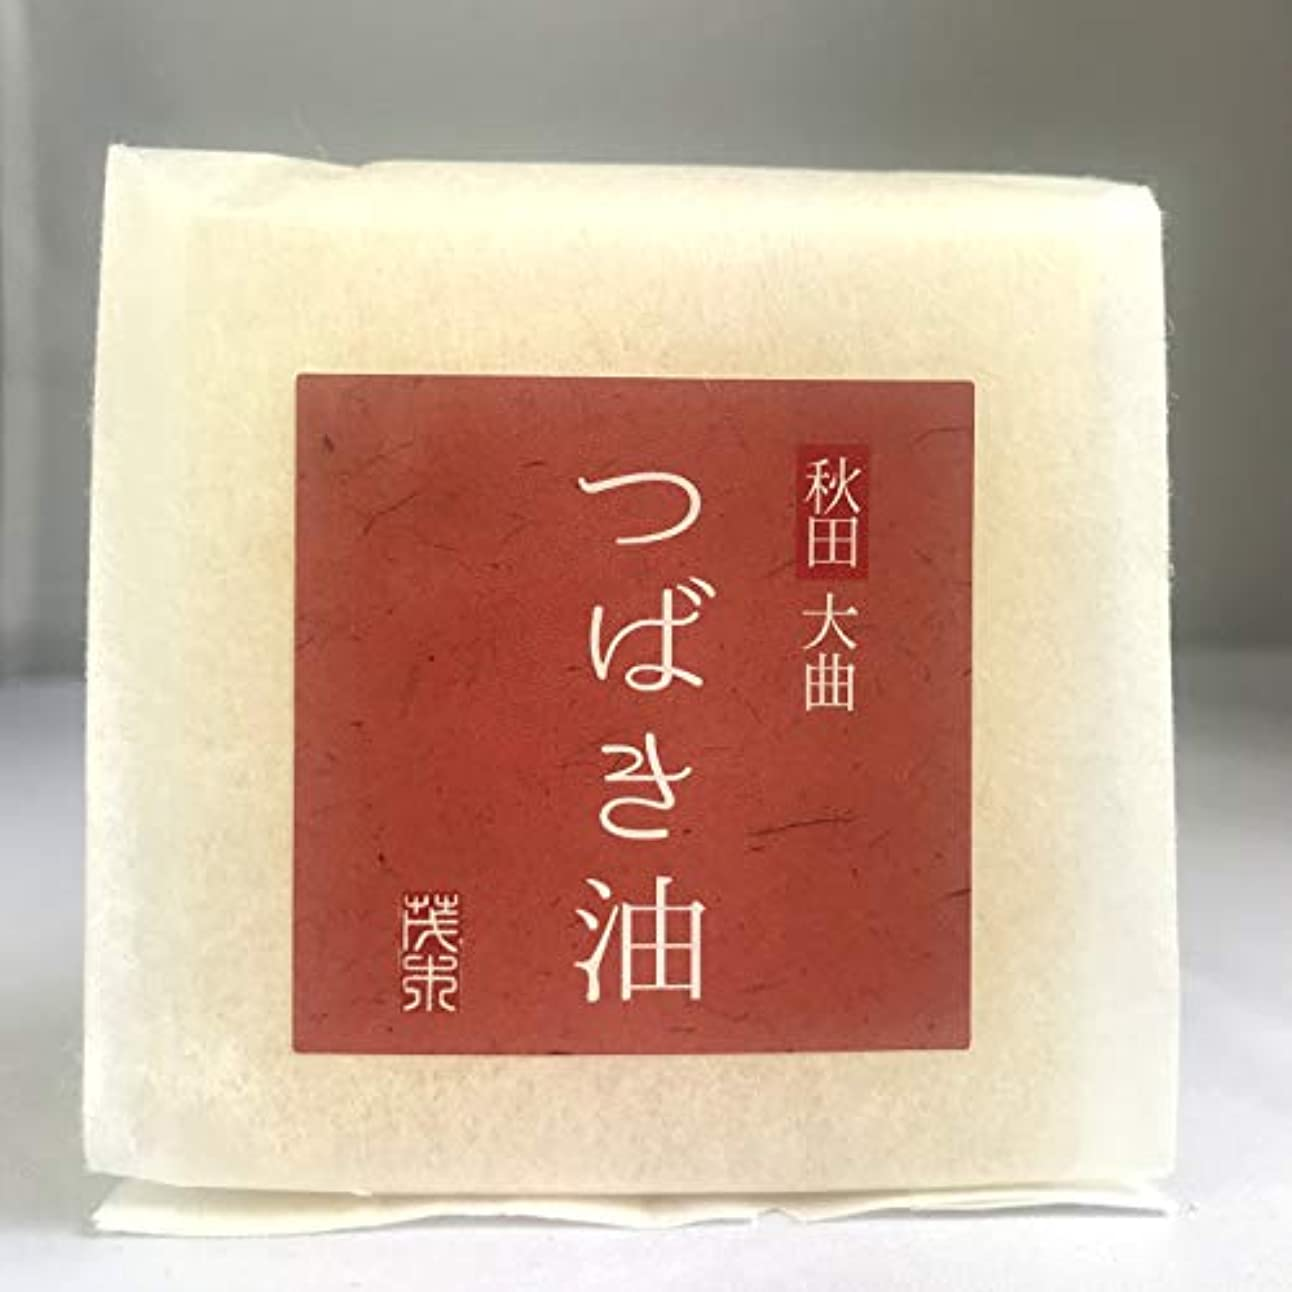 まっすぐ対処する制約無添加石鹸 つばき油石鹸 100g